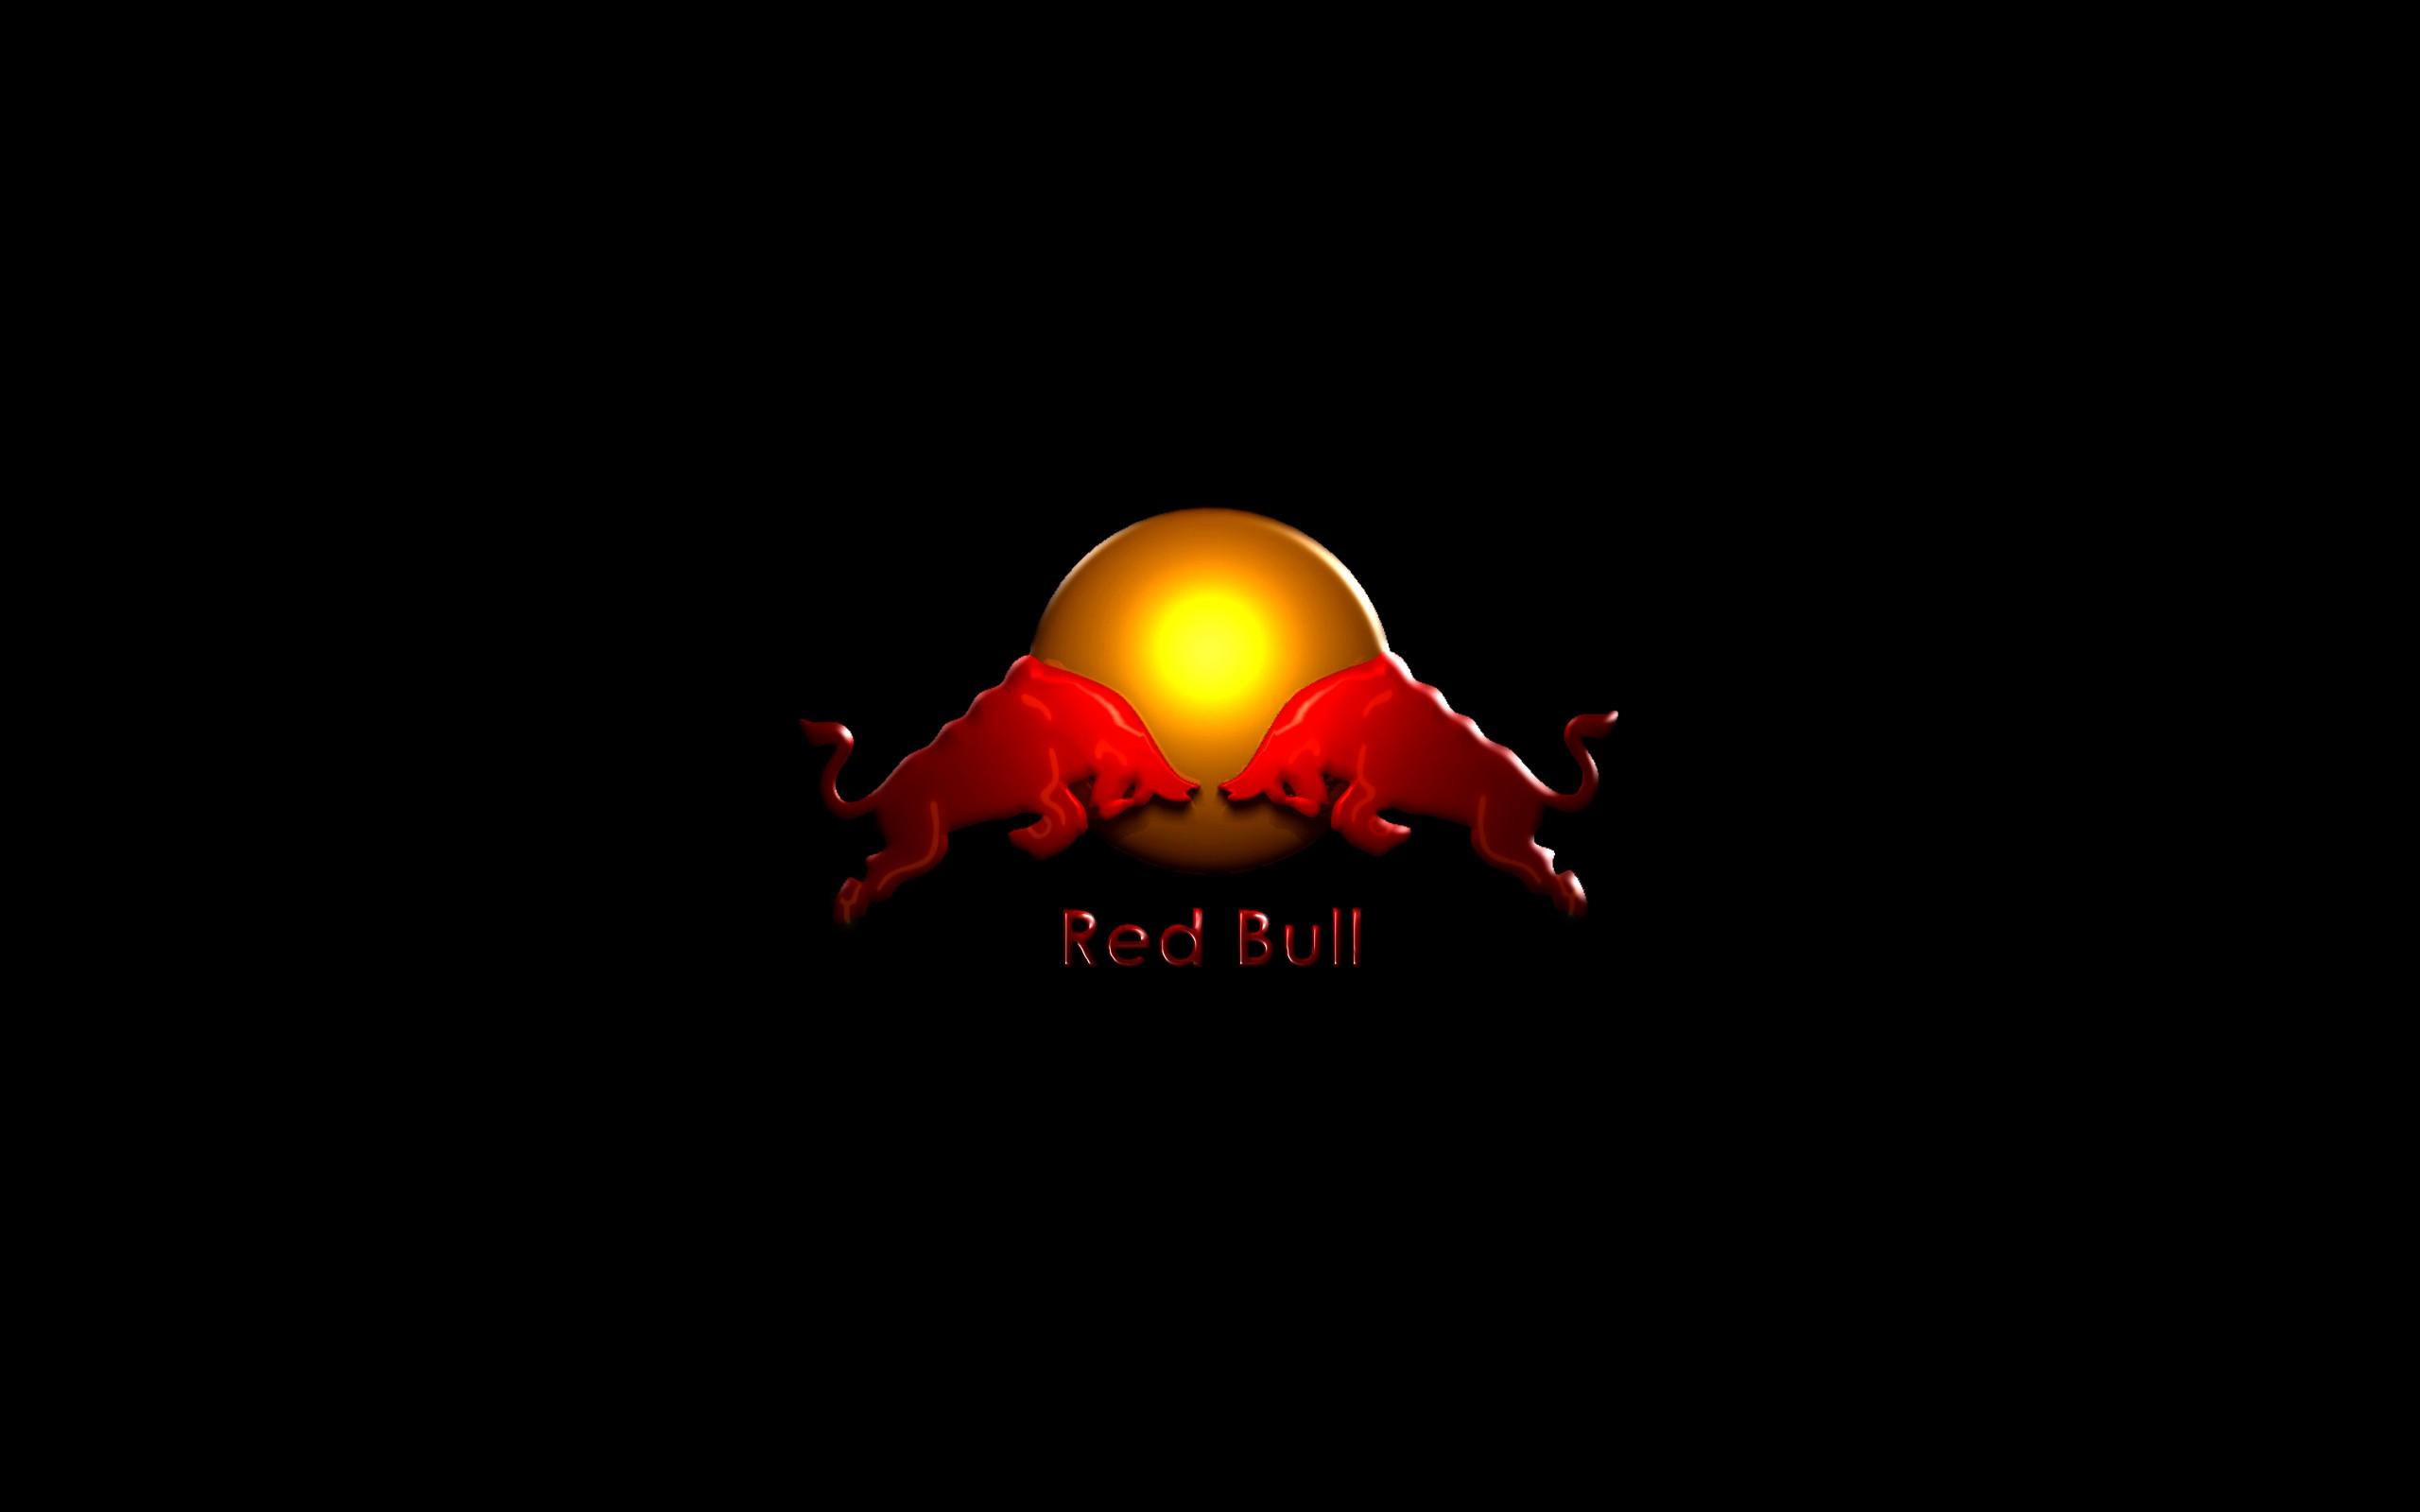 red bull wallpaper background 17890